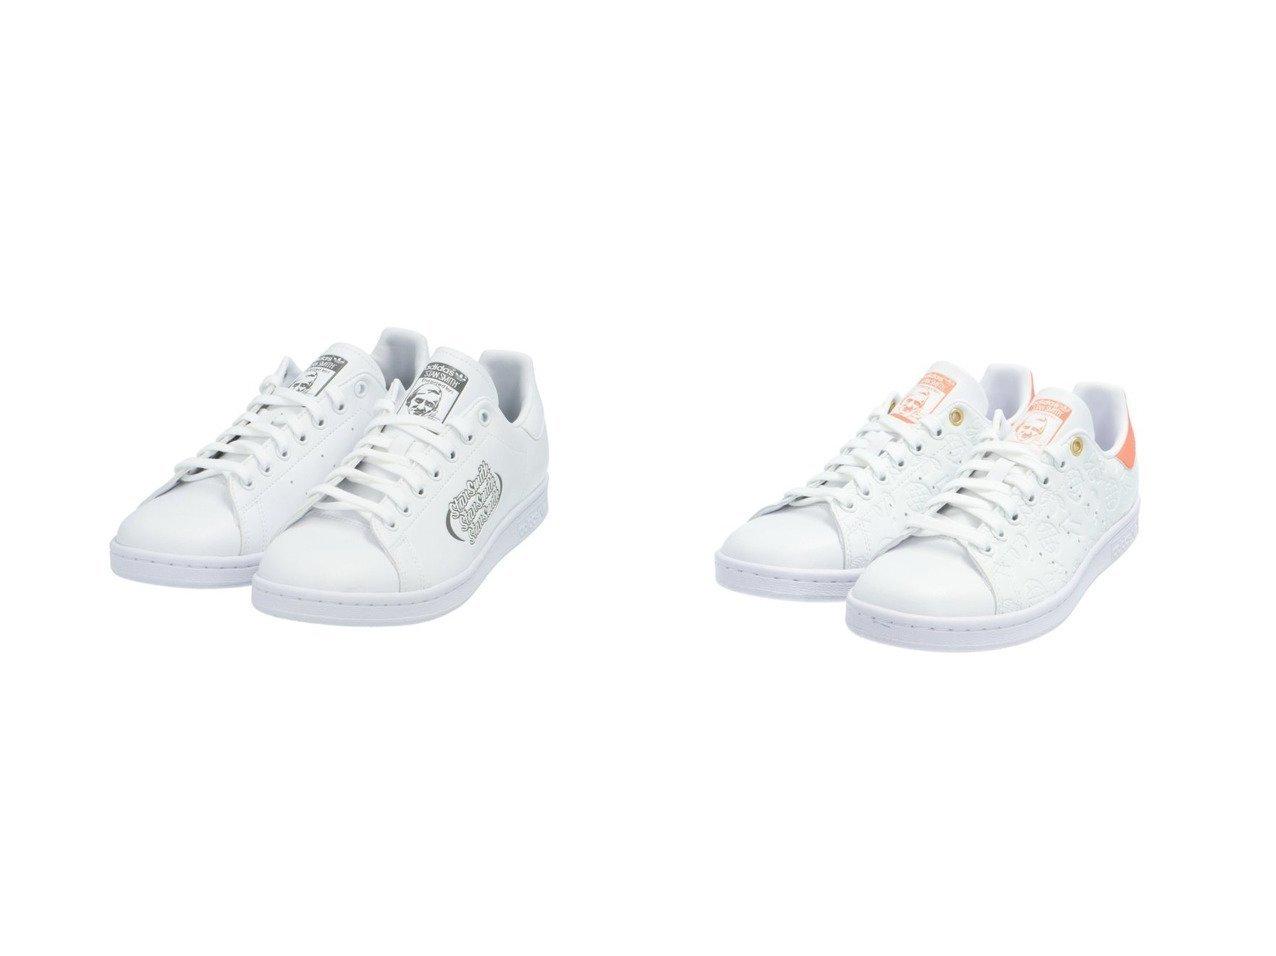 【adidas Originals/アディダス オリジナルス】のスタンスミス STAN SMITH アディダスオリジナルス&スタンスミス STAN SMITH アディダスオリジナルス FX5574 FX5575 【シューズ・靴】おすすめ!人気、トレンド・レディースファッションの通販 おすすめで人気の流行・トレンド、ファッションの通販商品 メンズファッション・キッズファッション・インテリア・家具・レディースファッション・服の通販 founy(ファニー) https://founy.com/ ファッション Fashion レディースファッション WOMEN グラフィック シューズ 人気 手描き ジーンズ スニーカー スリッポン 定番 Standard ベーシック |ID:crp329100000029192